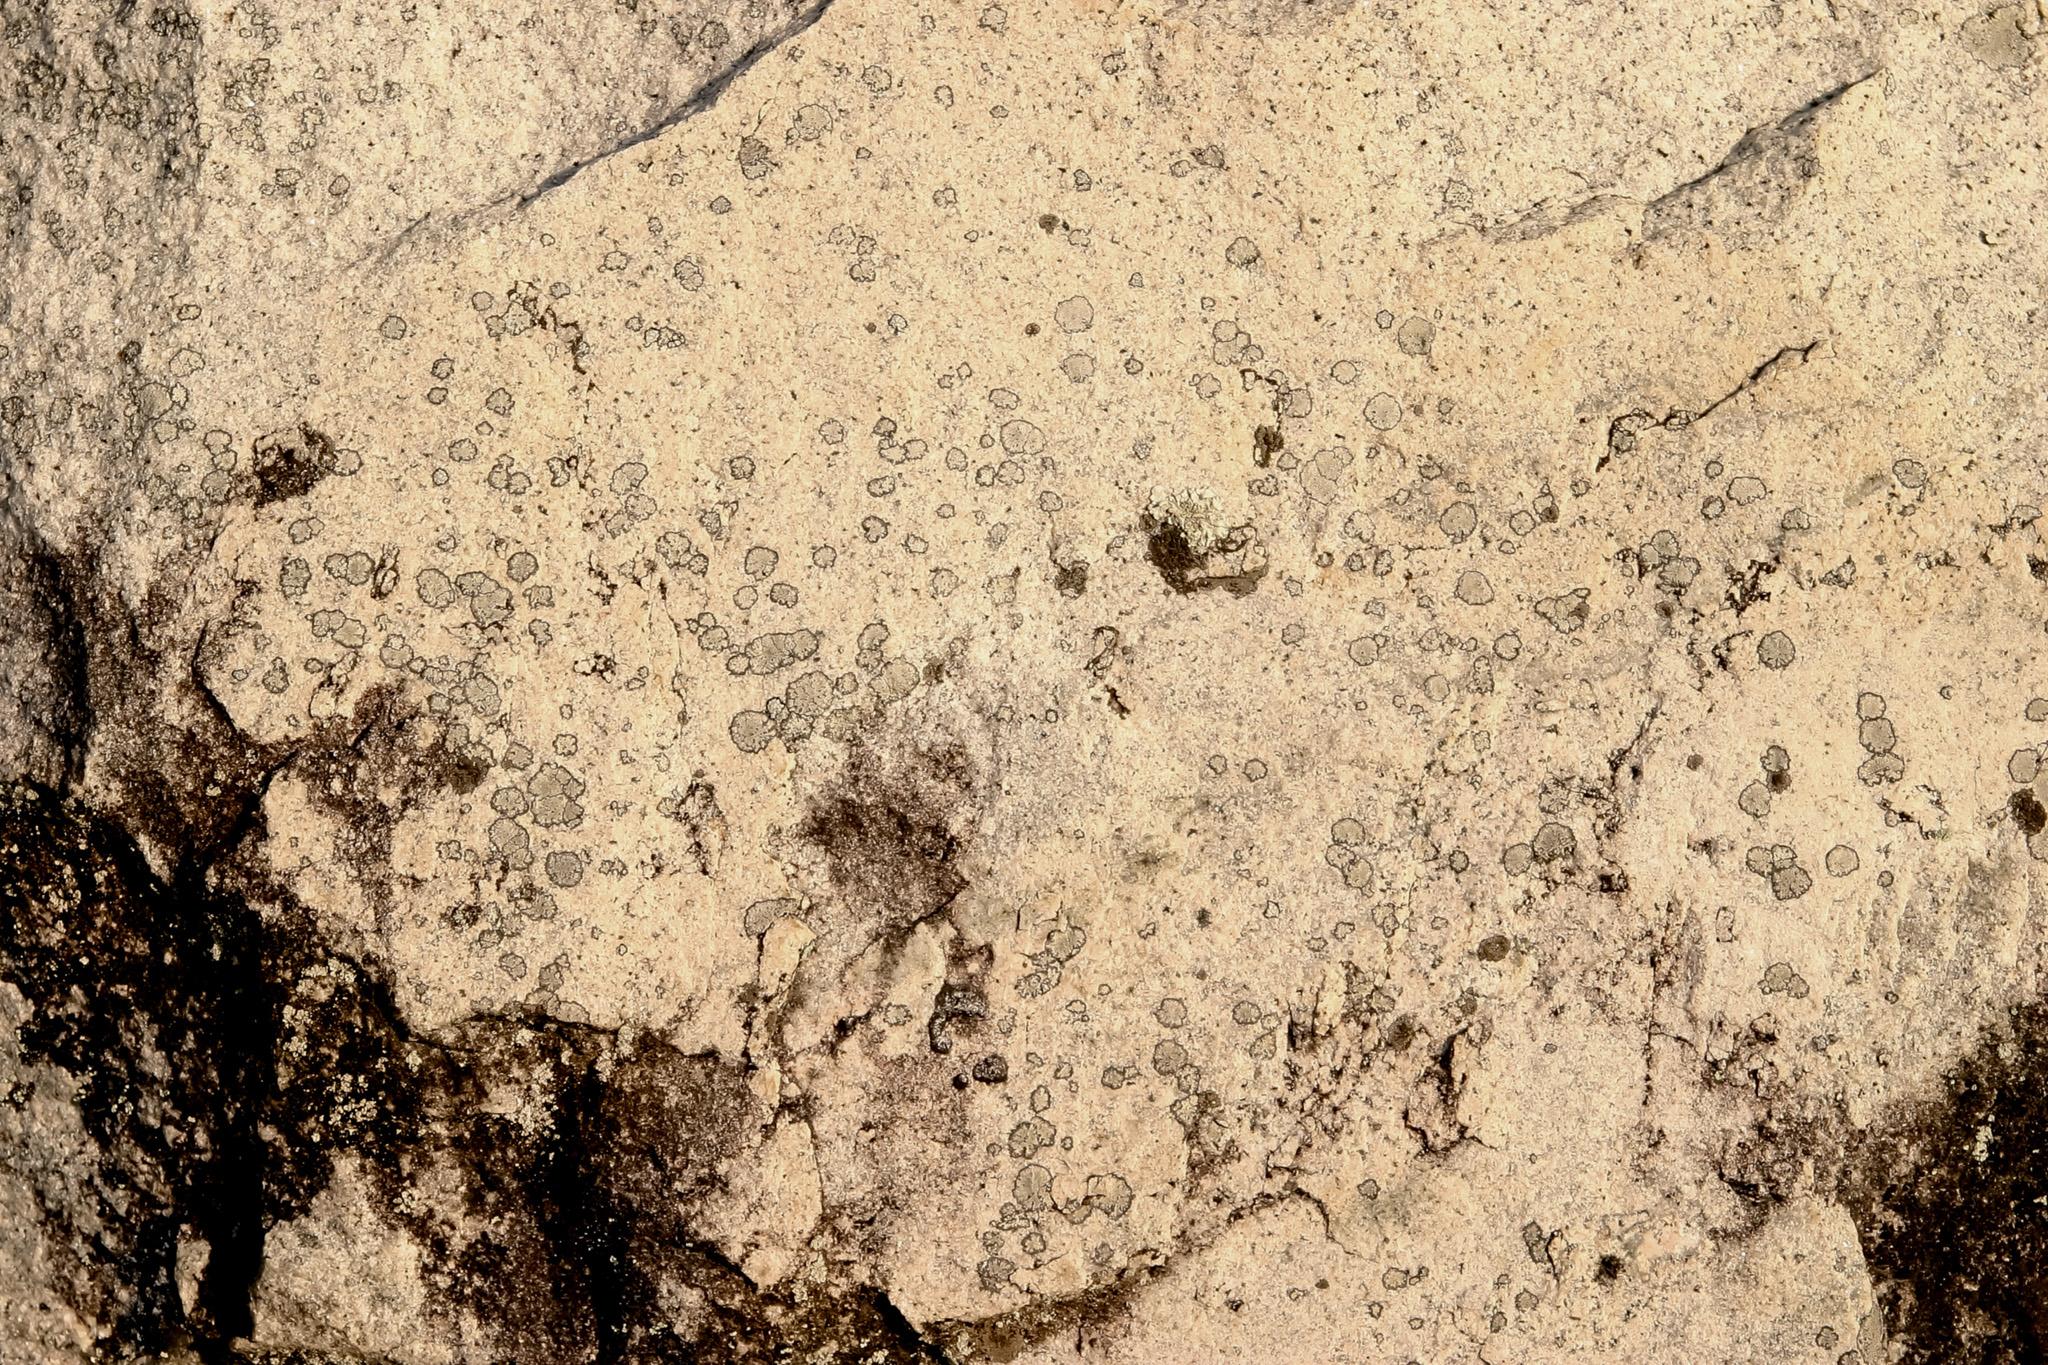 「シミの様な模様の入った岩肌」